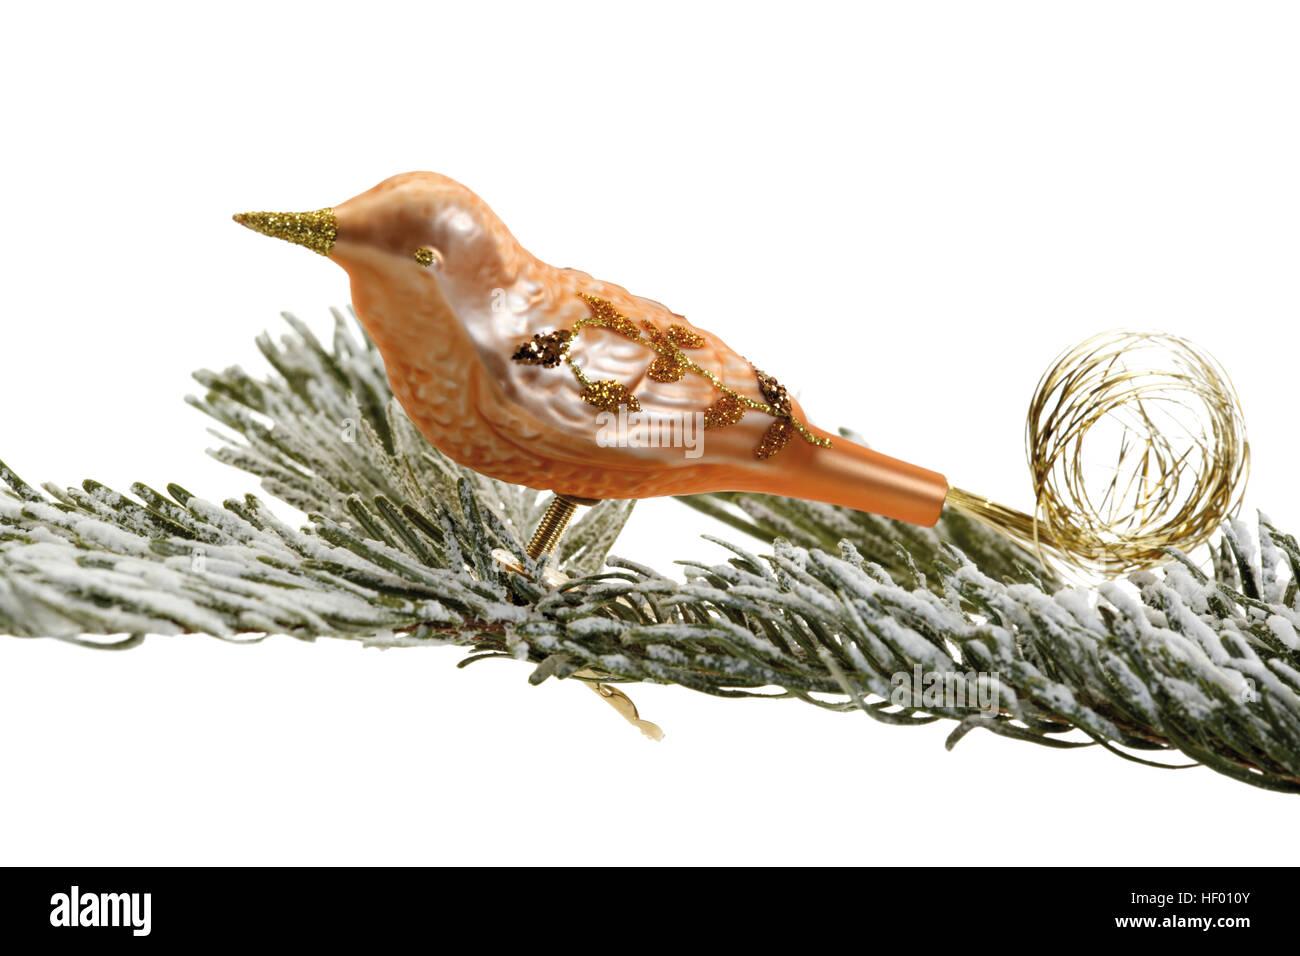 Kupfer Christbaumschmuck Vogel Auf Tief Verschneiten Tannen Ast